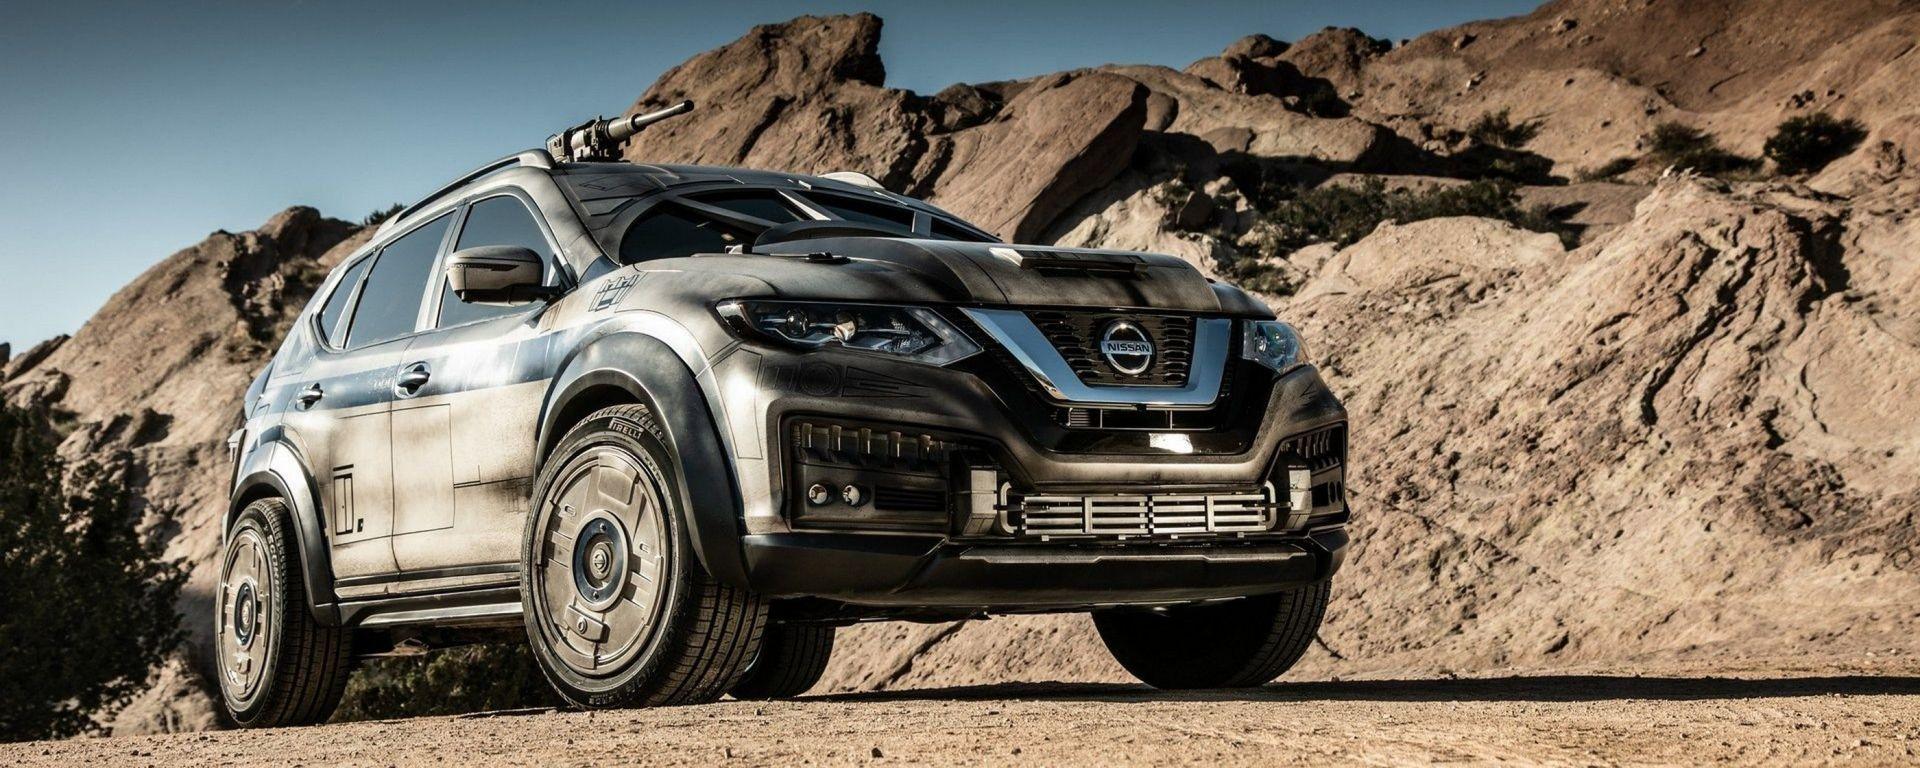 Nissan: la one-off della Rogue che si ispira al Millennium Falcon